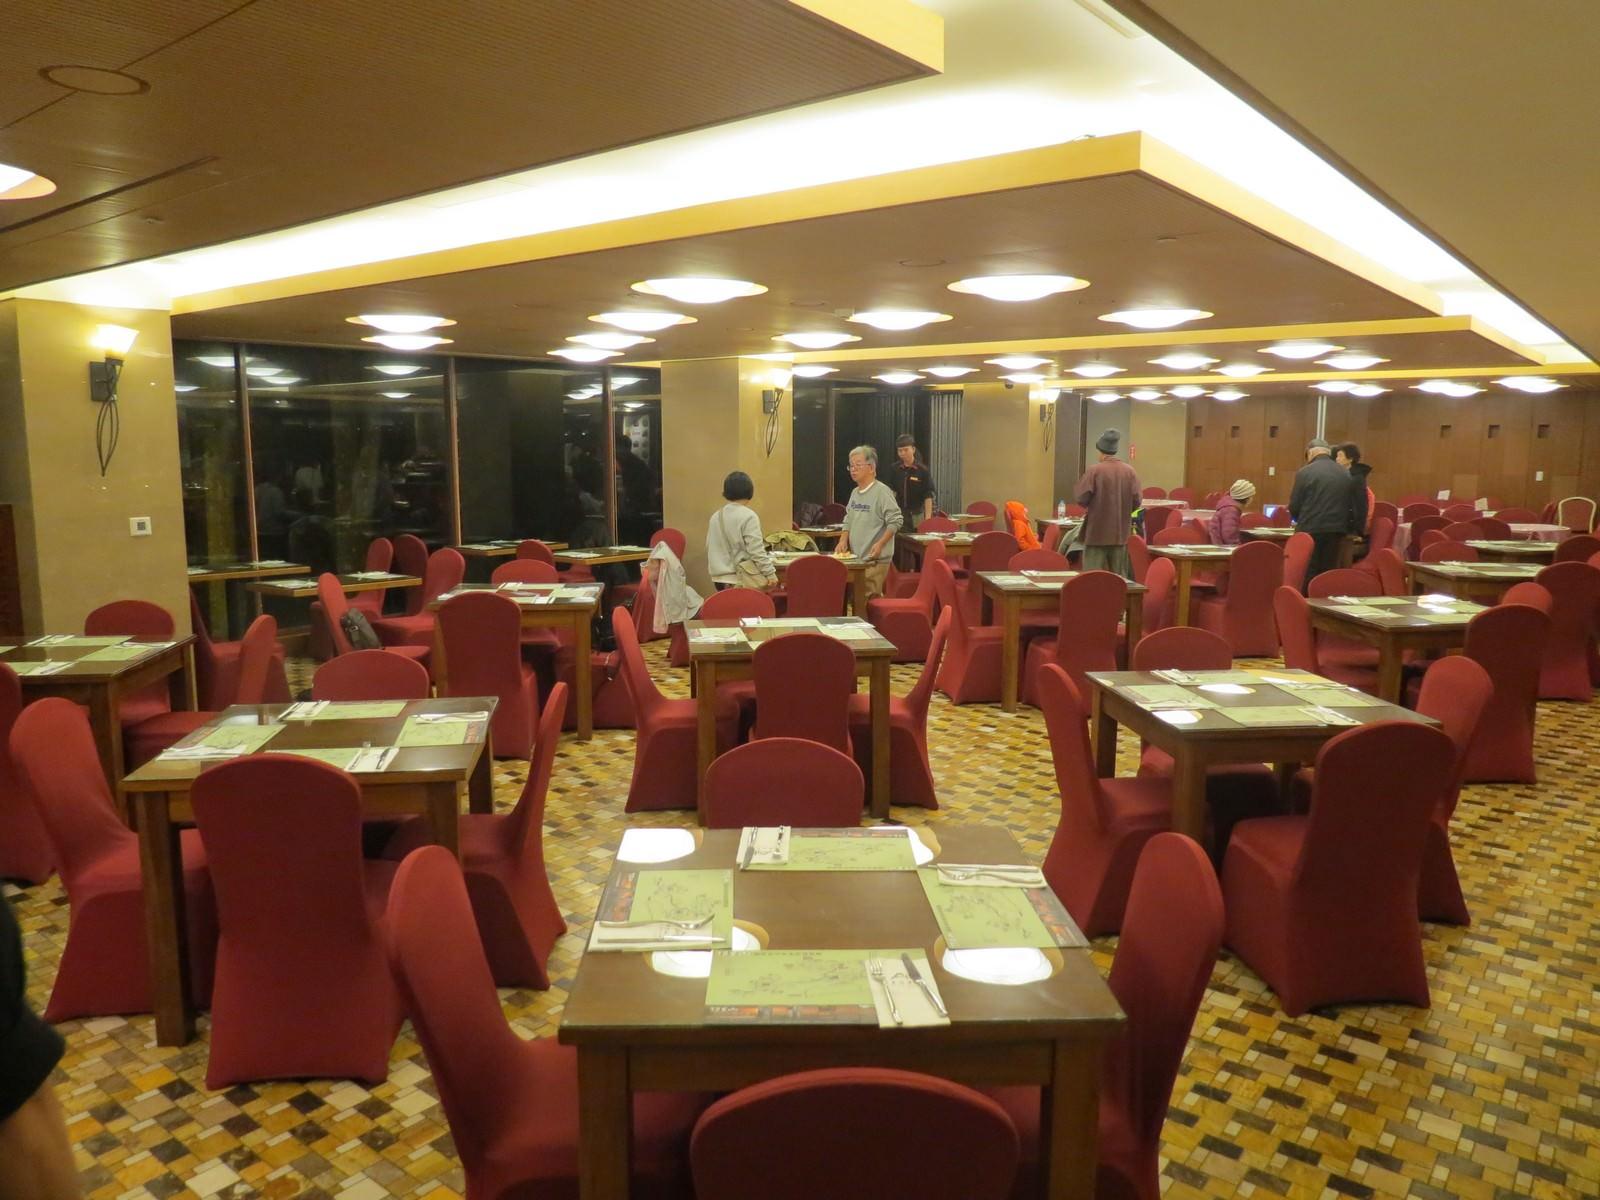 阿里山賓館, 餐廳介紹, 用餐環境